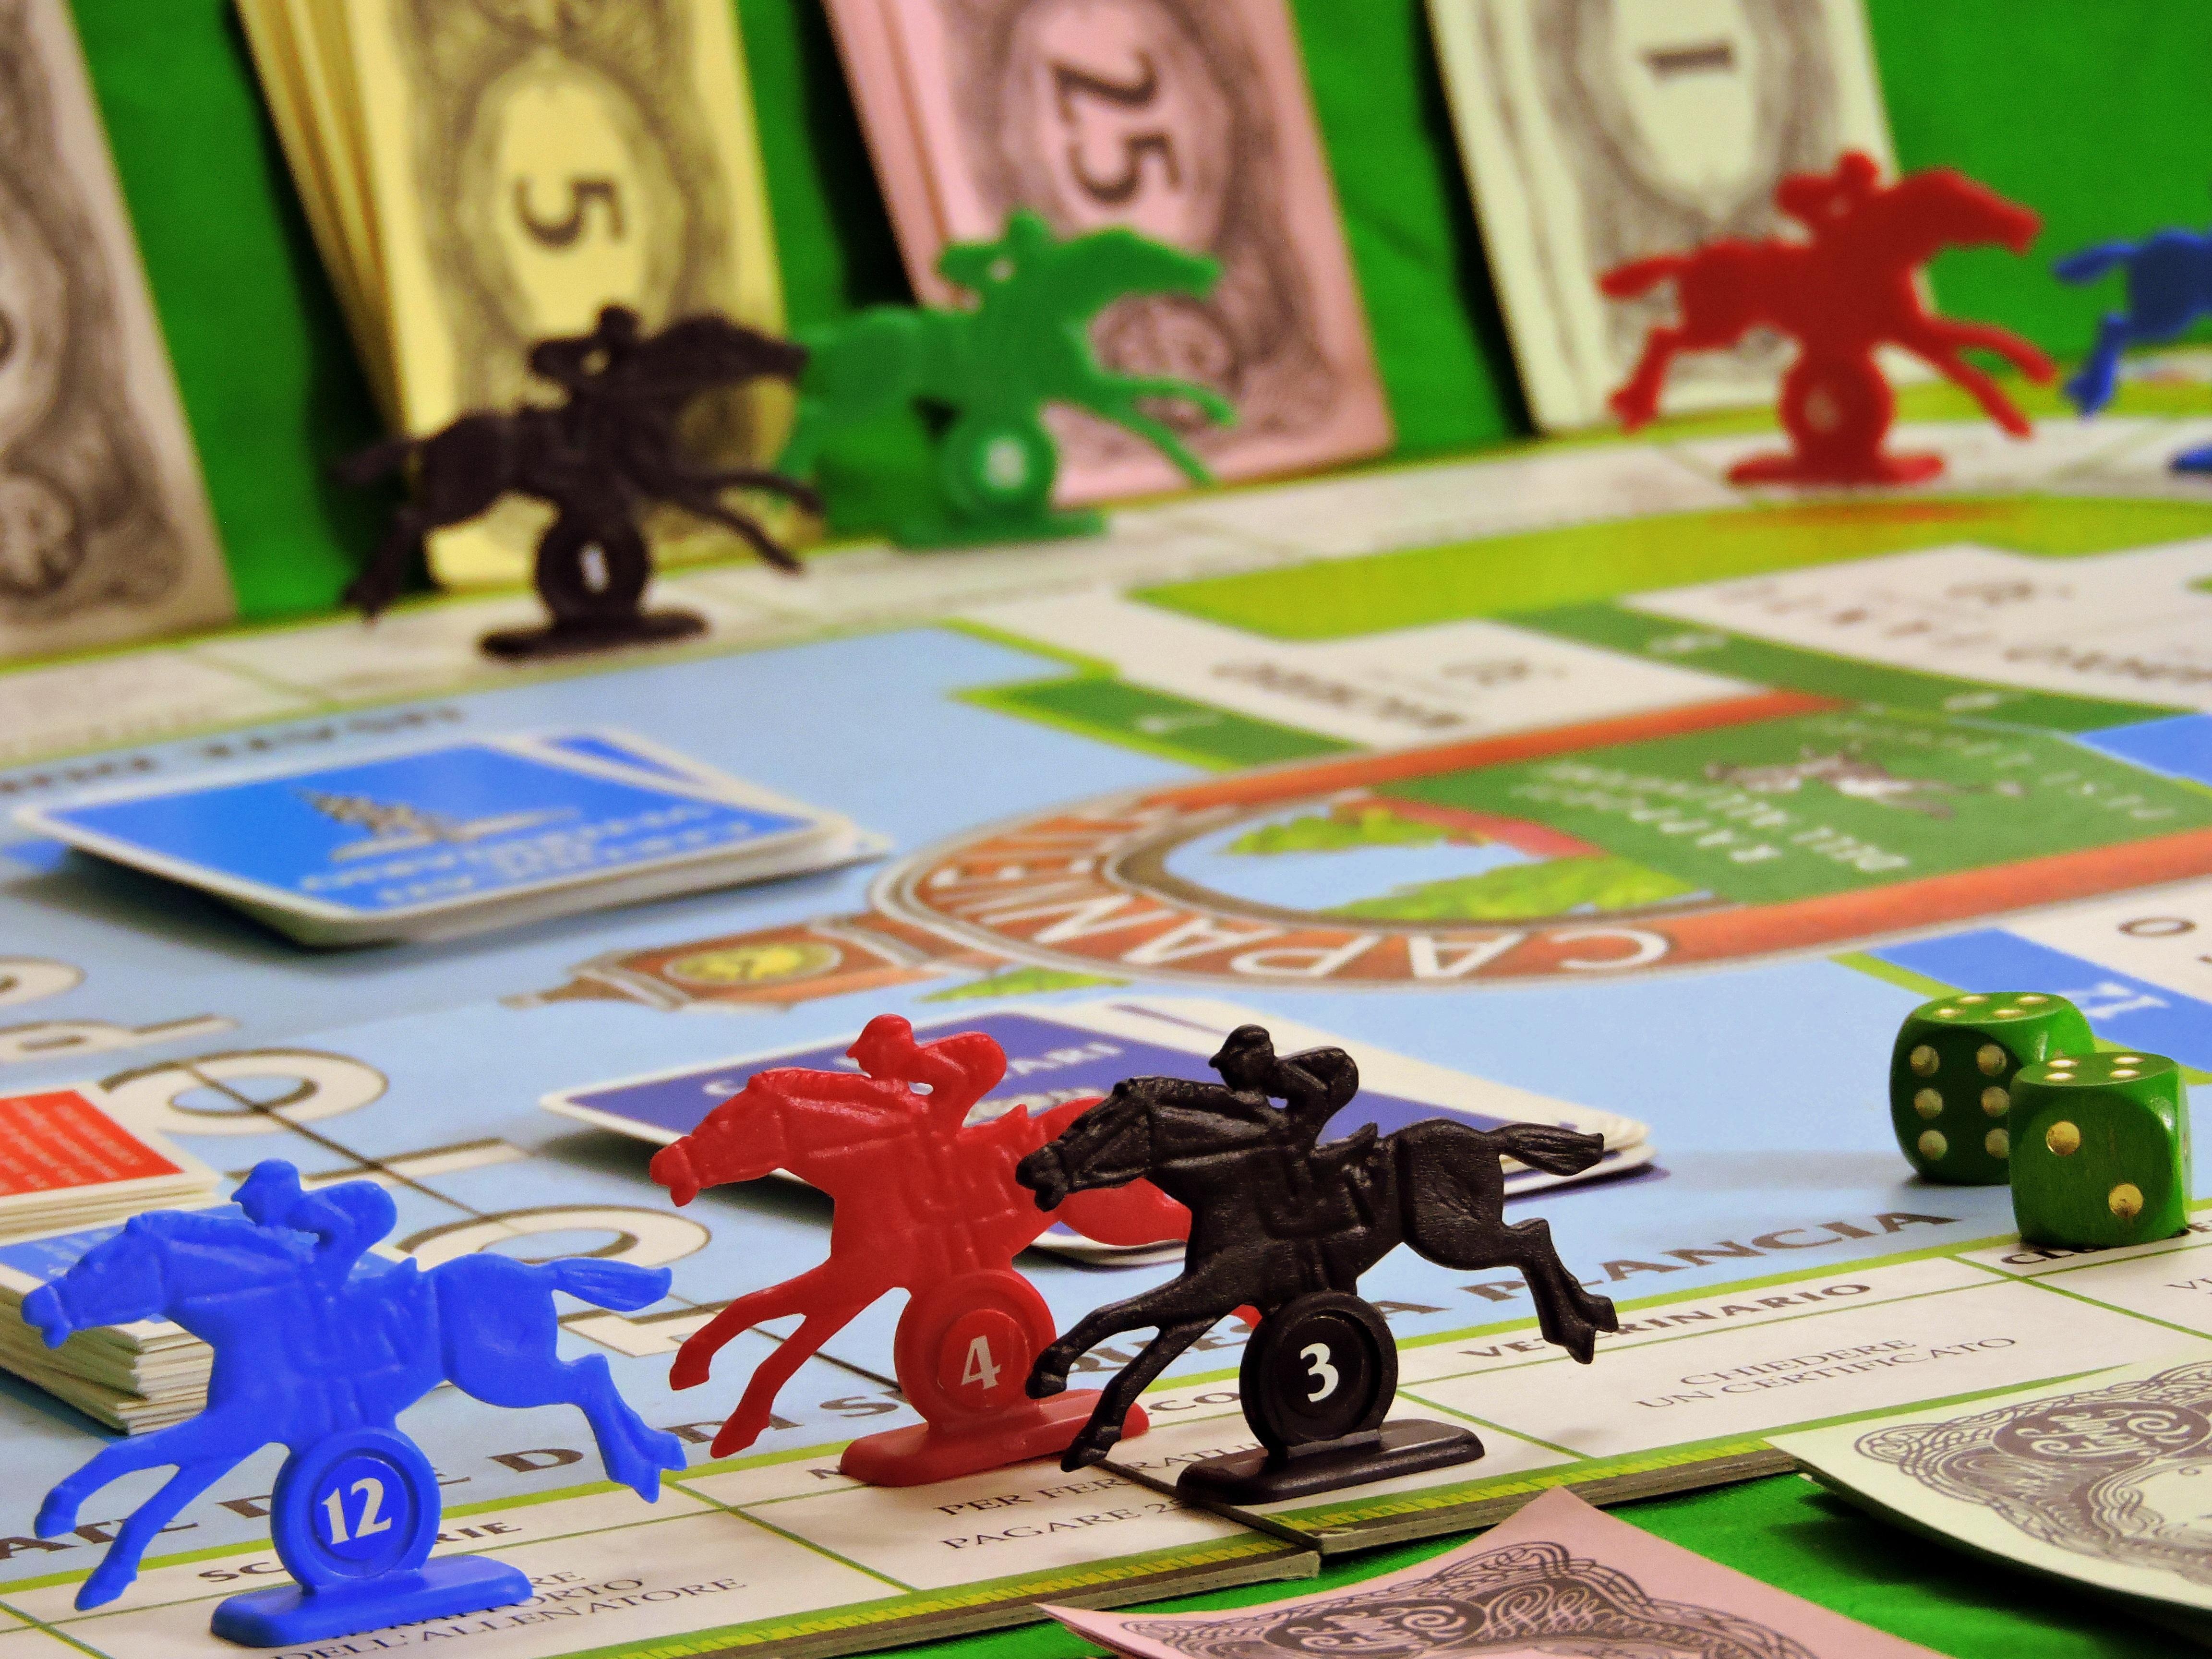 Fotos gratis  jugar correr caballo dinero juguete juego de